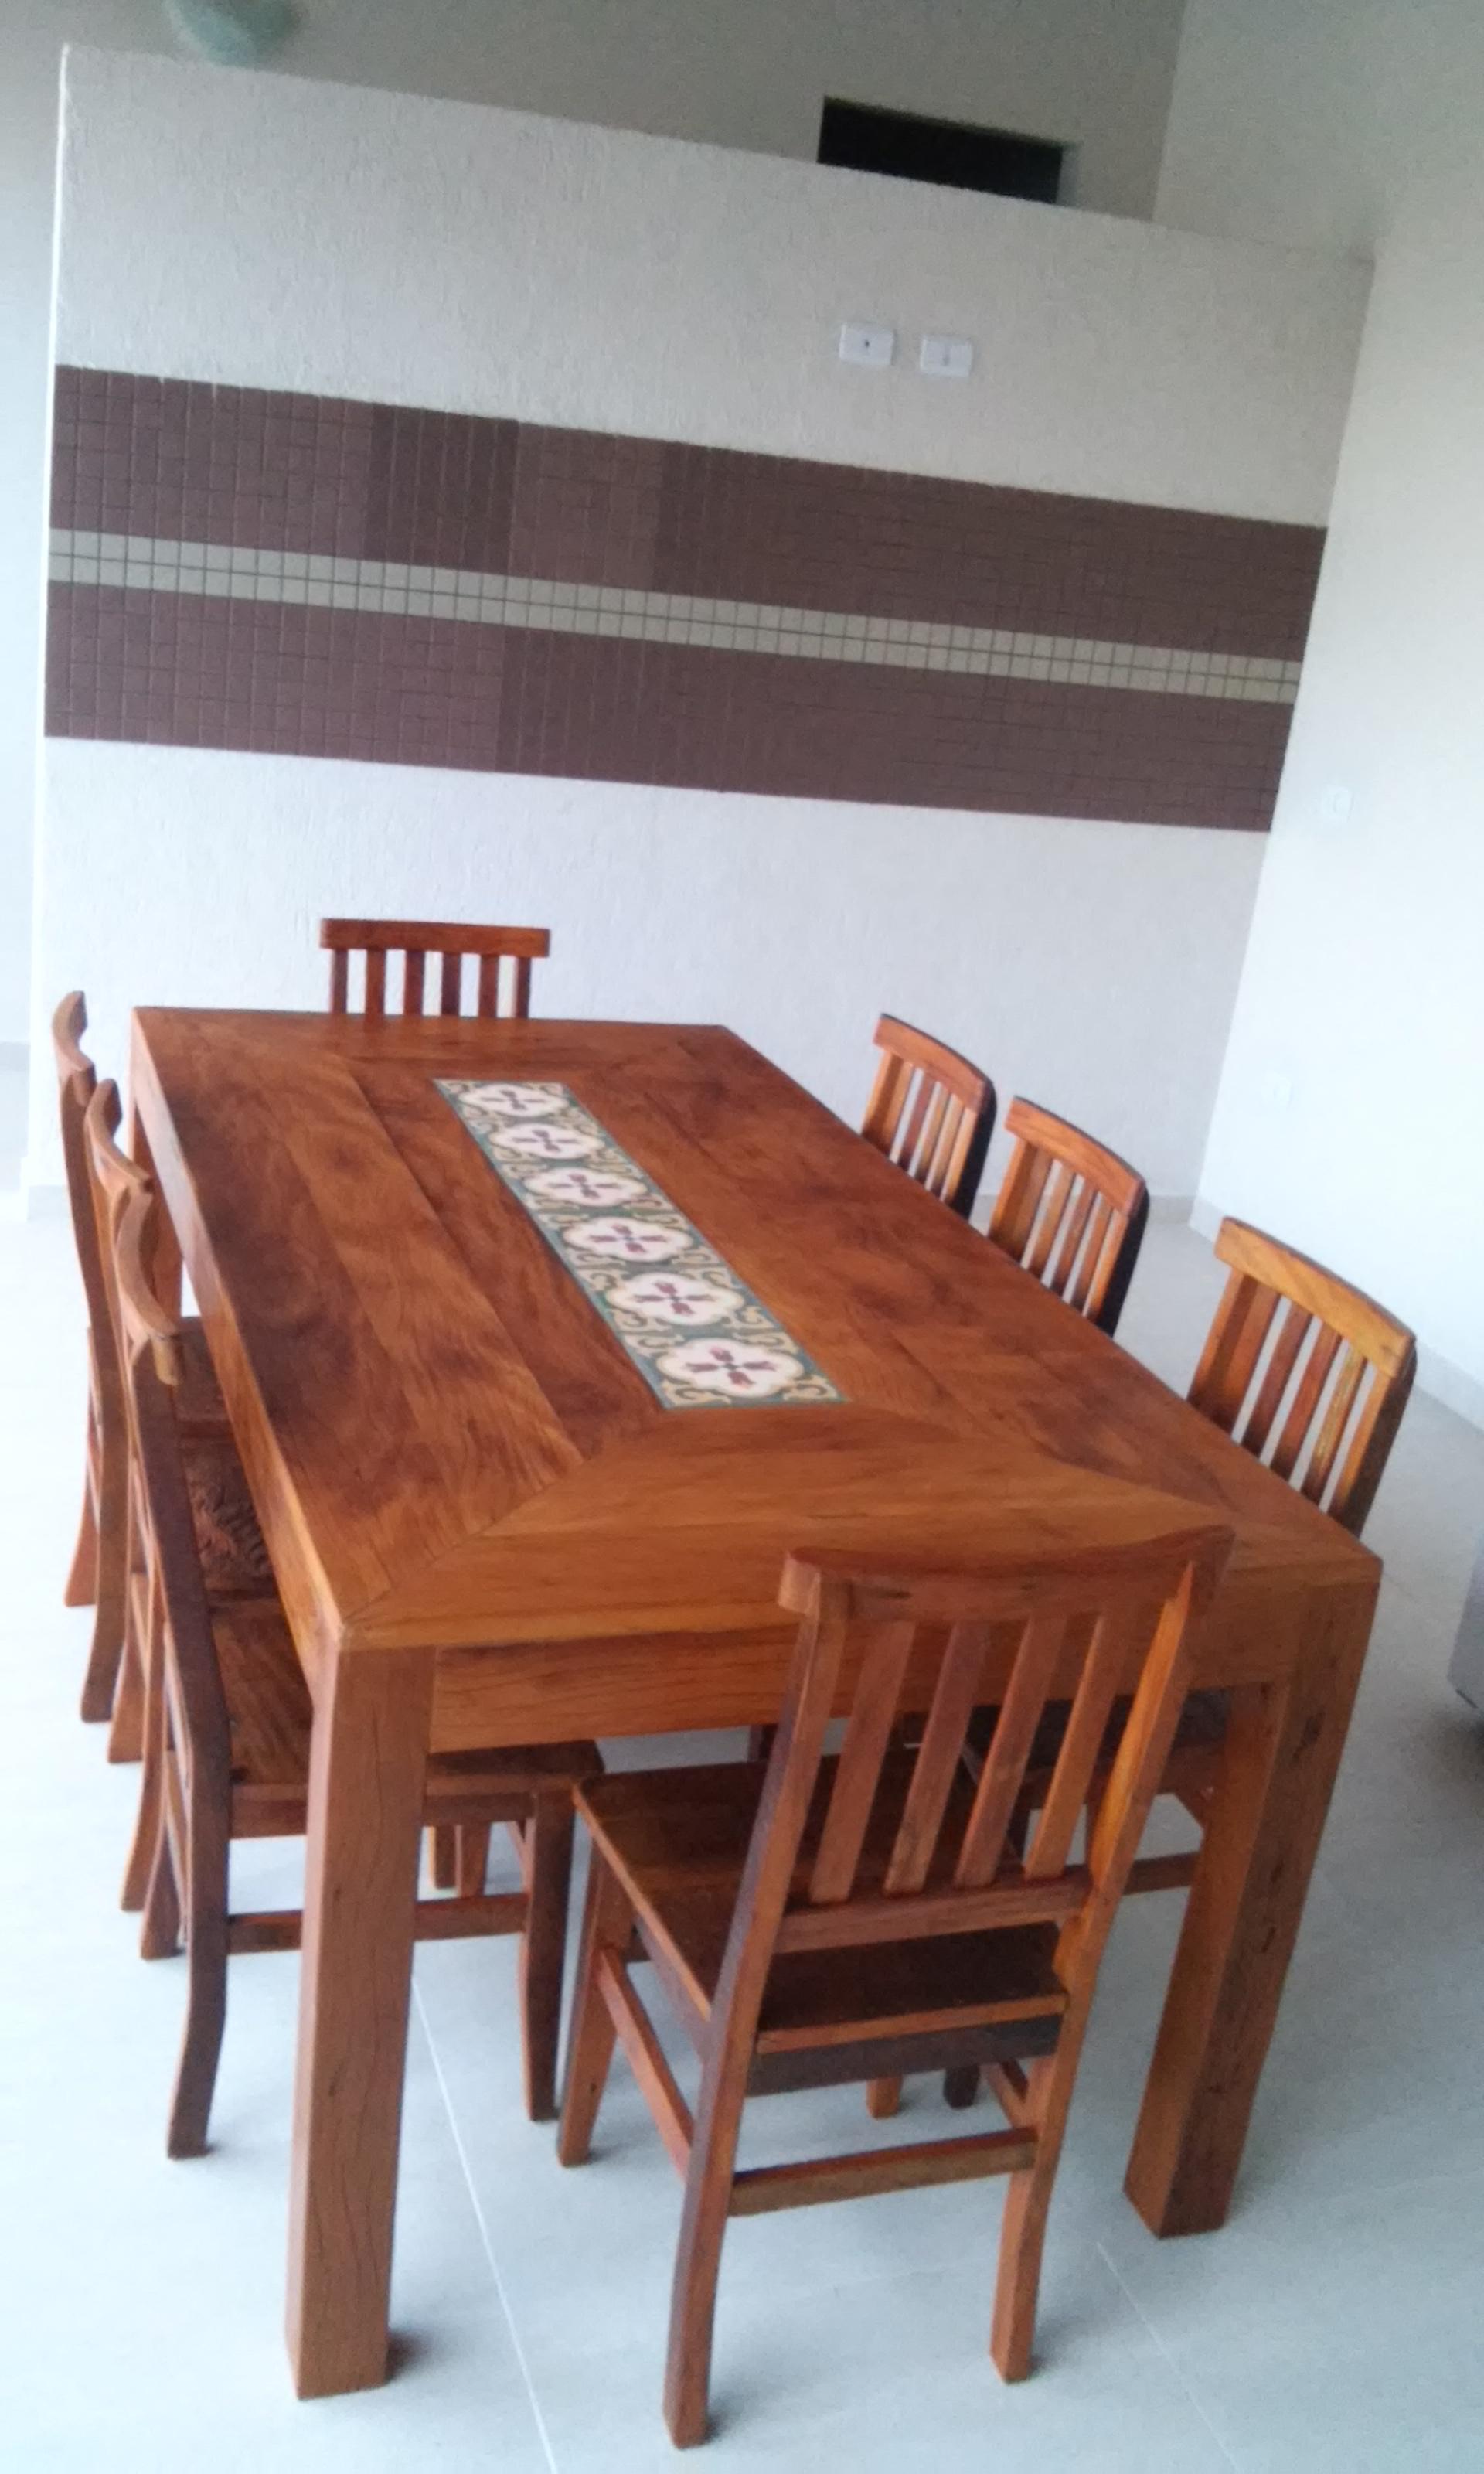 mesa_de_demolição_pé_mocho_com_ladrilho_e_cadeira_mineira